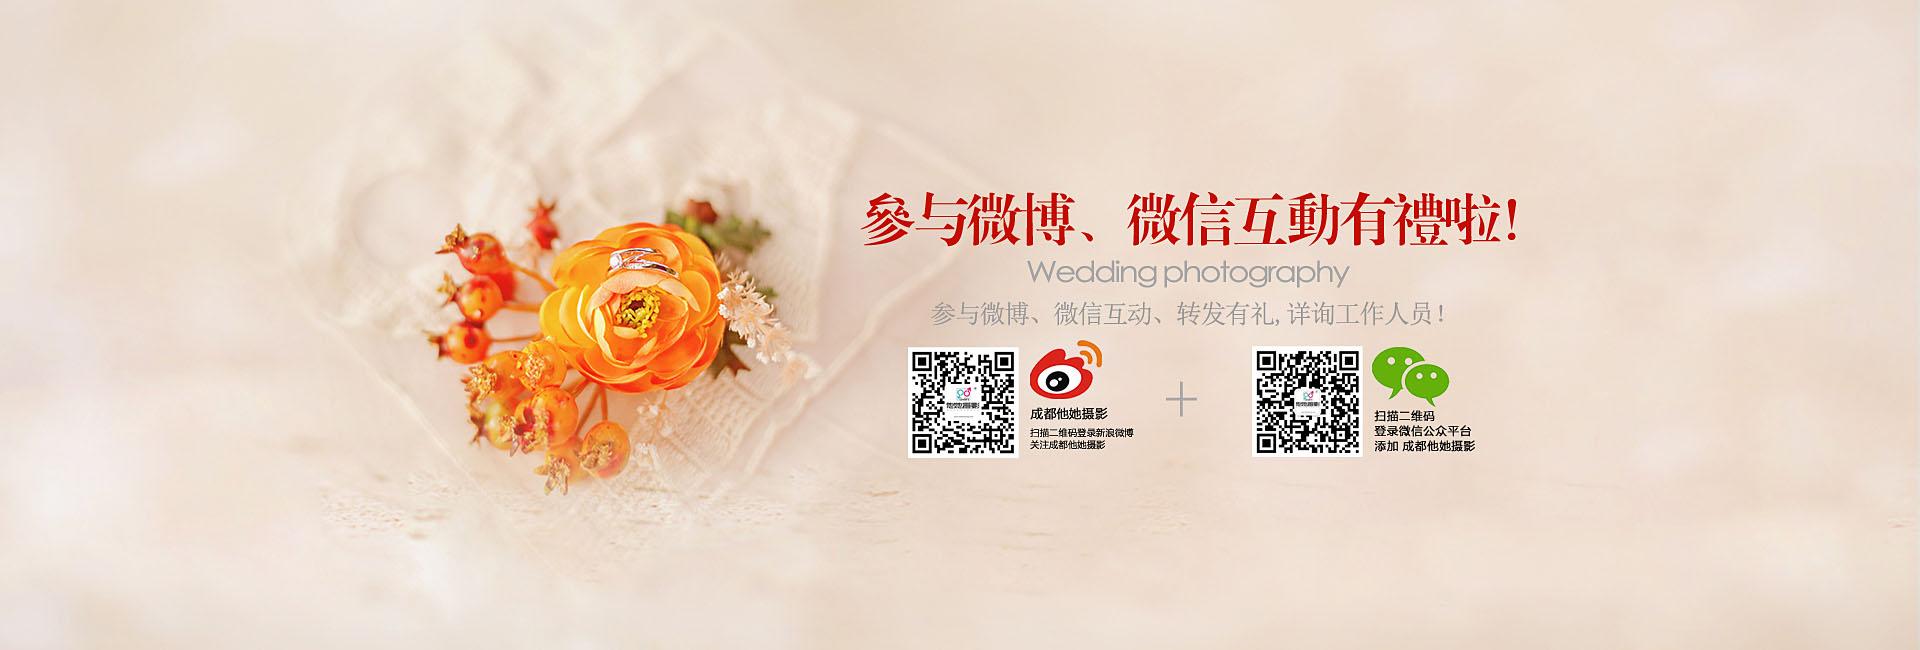 关注成都婚纱摄影工作室官方微博,官方微信,了解最新动态及优惠信息。